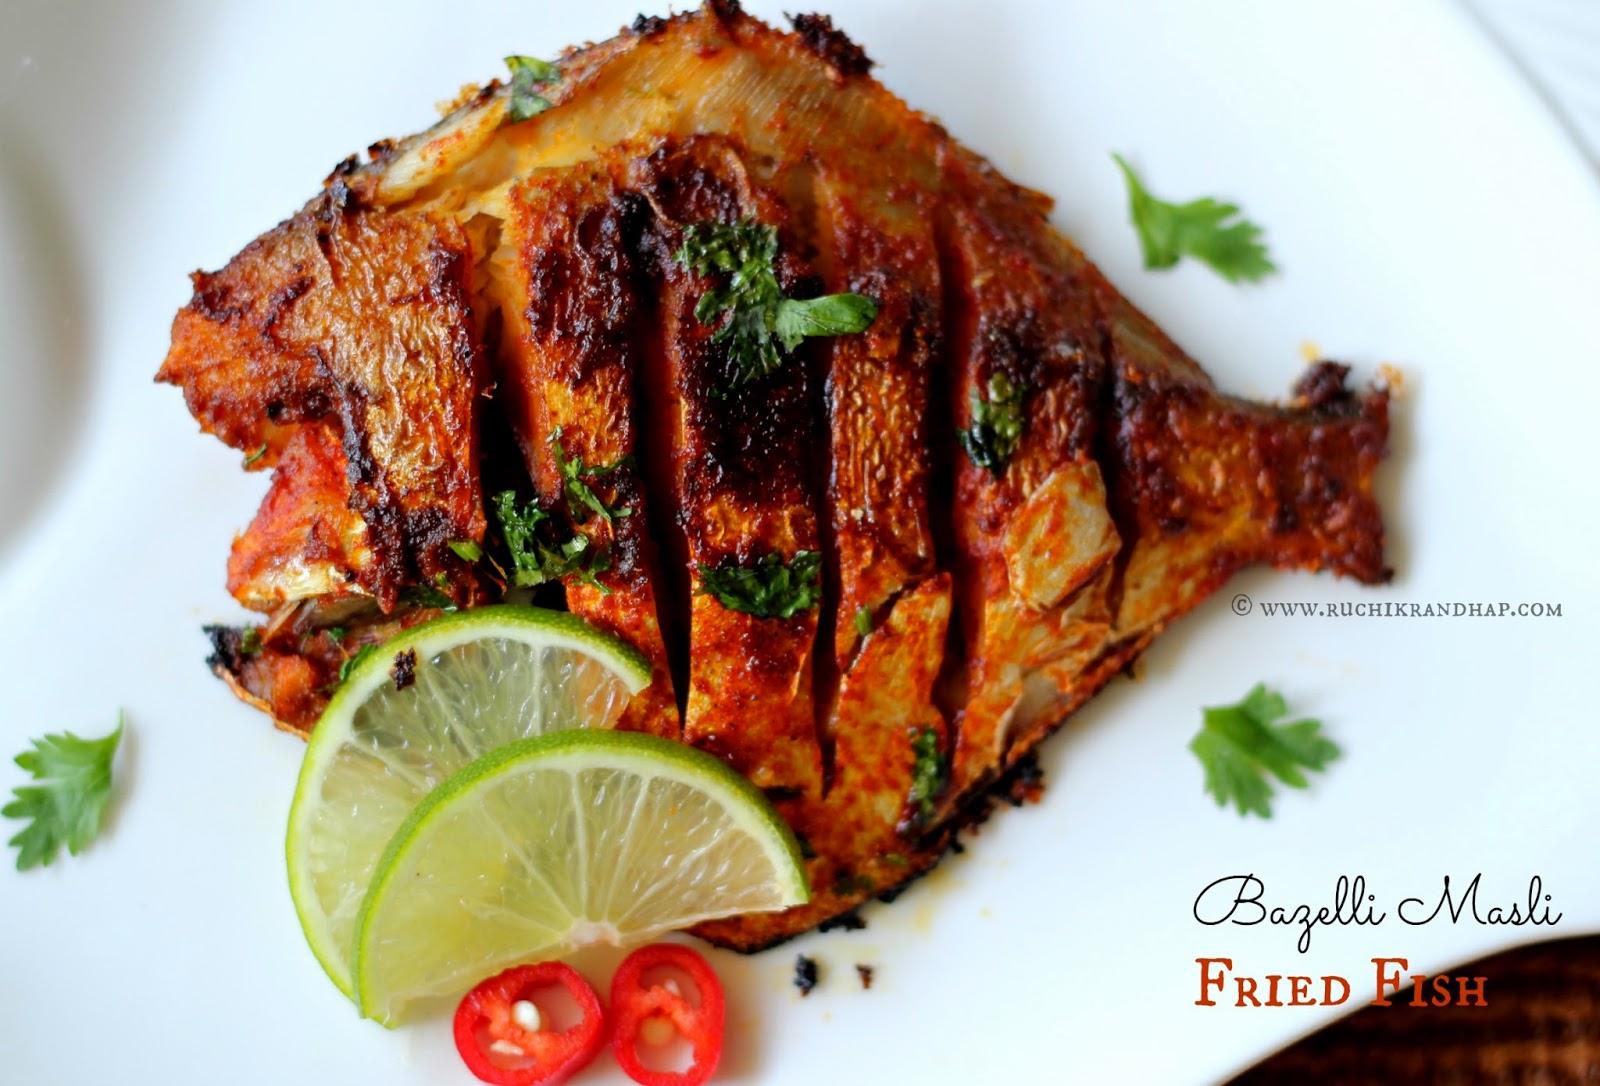 Bazelli masli fried fish basic marination ruchik randhap for Fried fish recipe